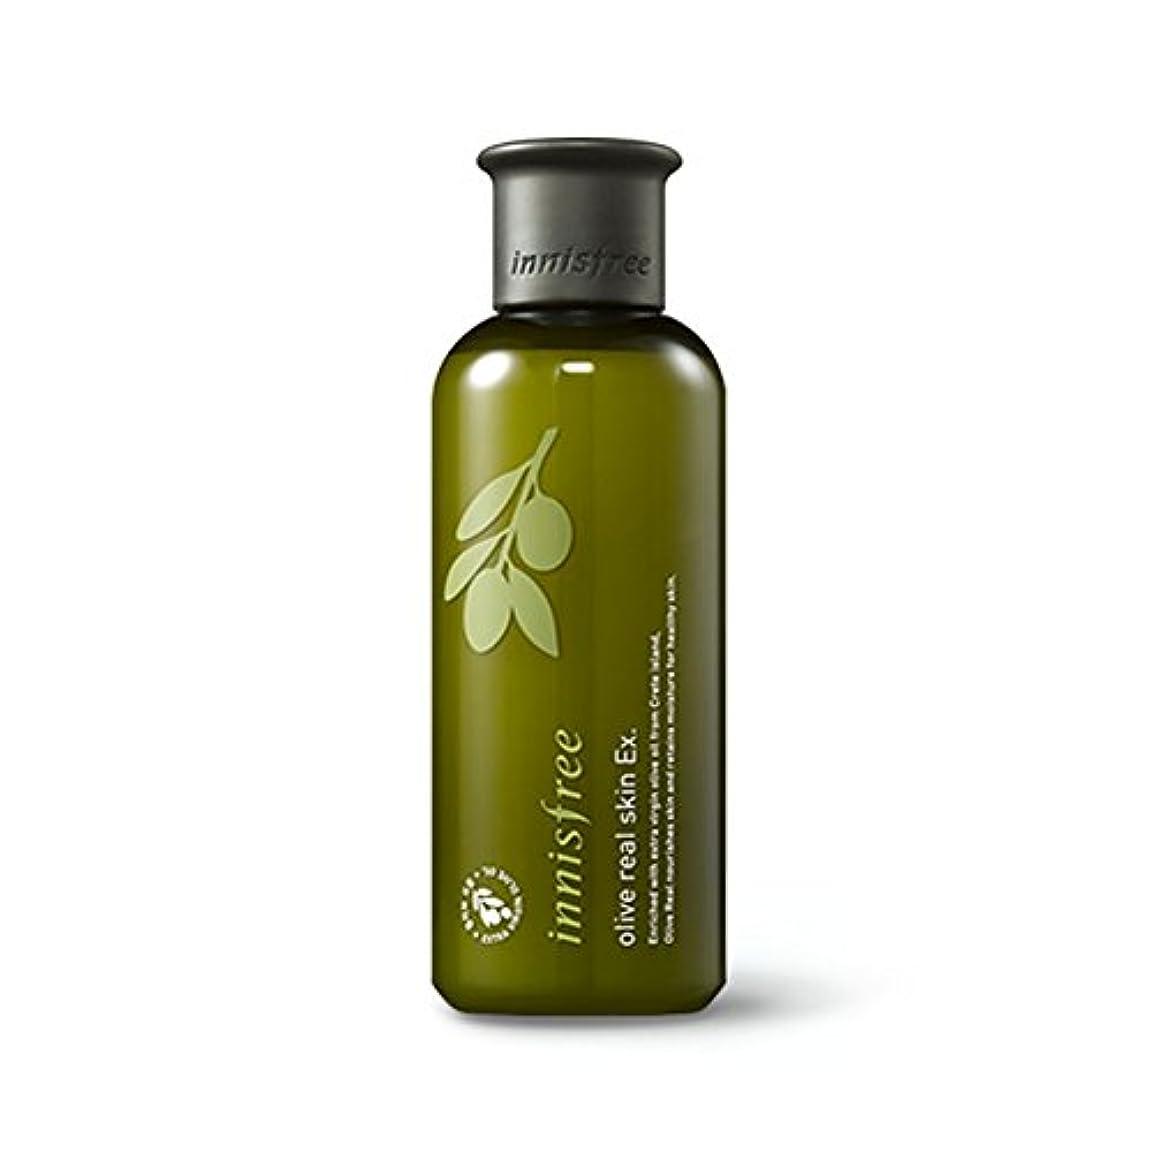 貪欲王子出撃者イニスフリーオリーブリアルスキン 200ml Innisfree Olive Real Skin Ex. 200ml [海外直送品][並行輸入品]